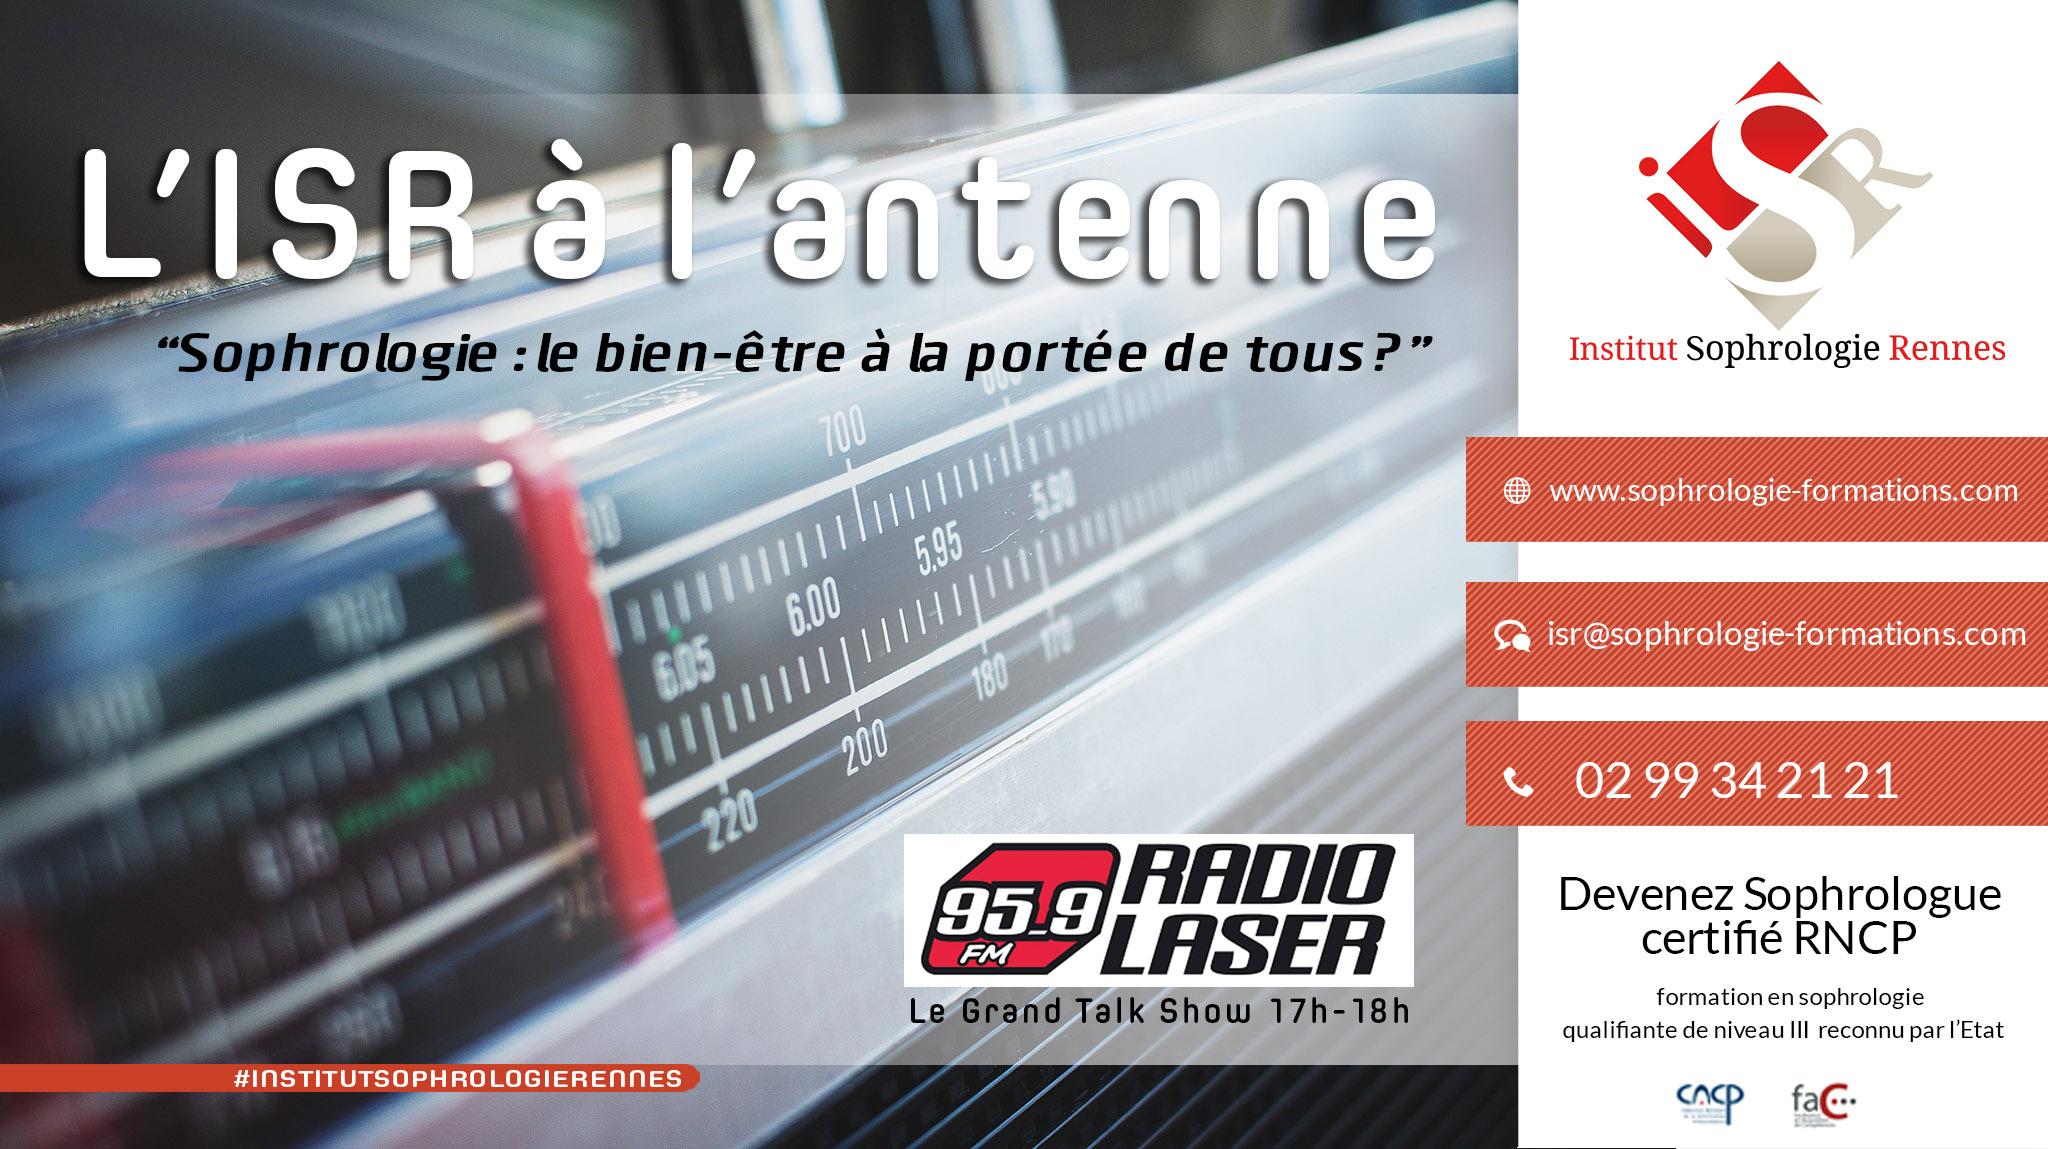 Institut de Sophrologie de Rennes - Radio Laser